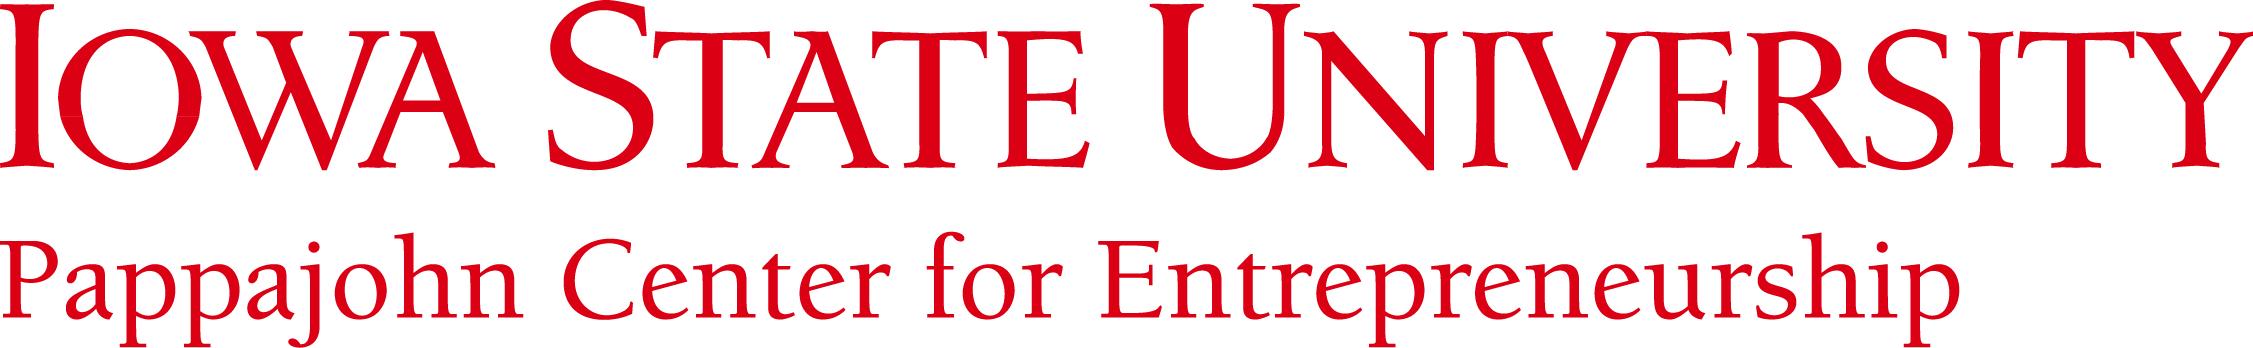 ISU Pappajohn Center for Entrepreneurship